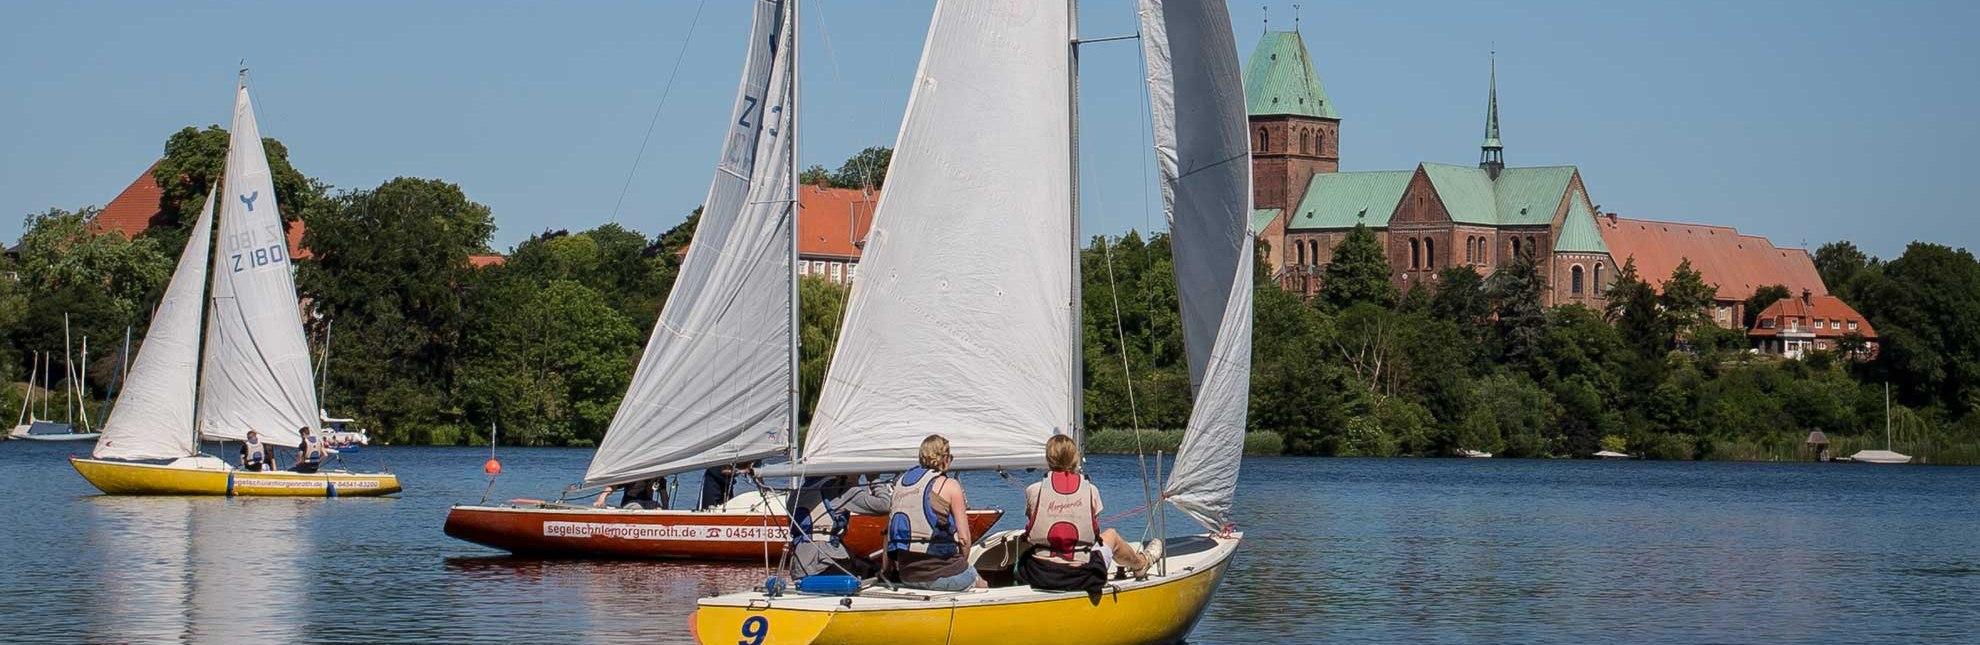 Segeln auf dem Ratzeburger See, © Jens Butz